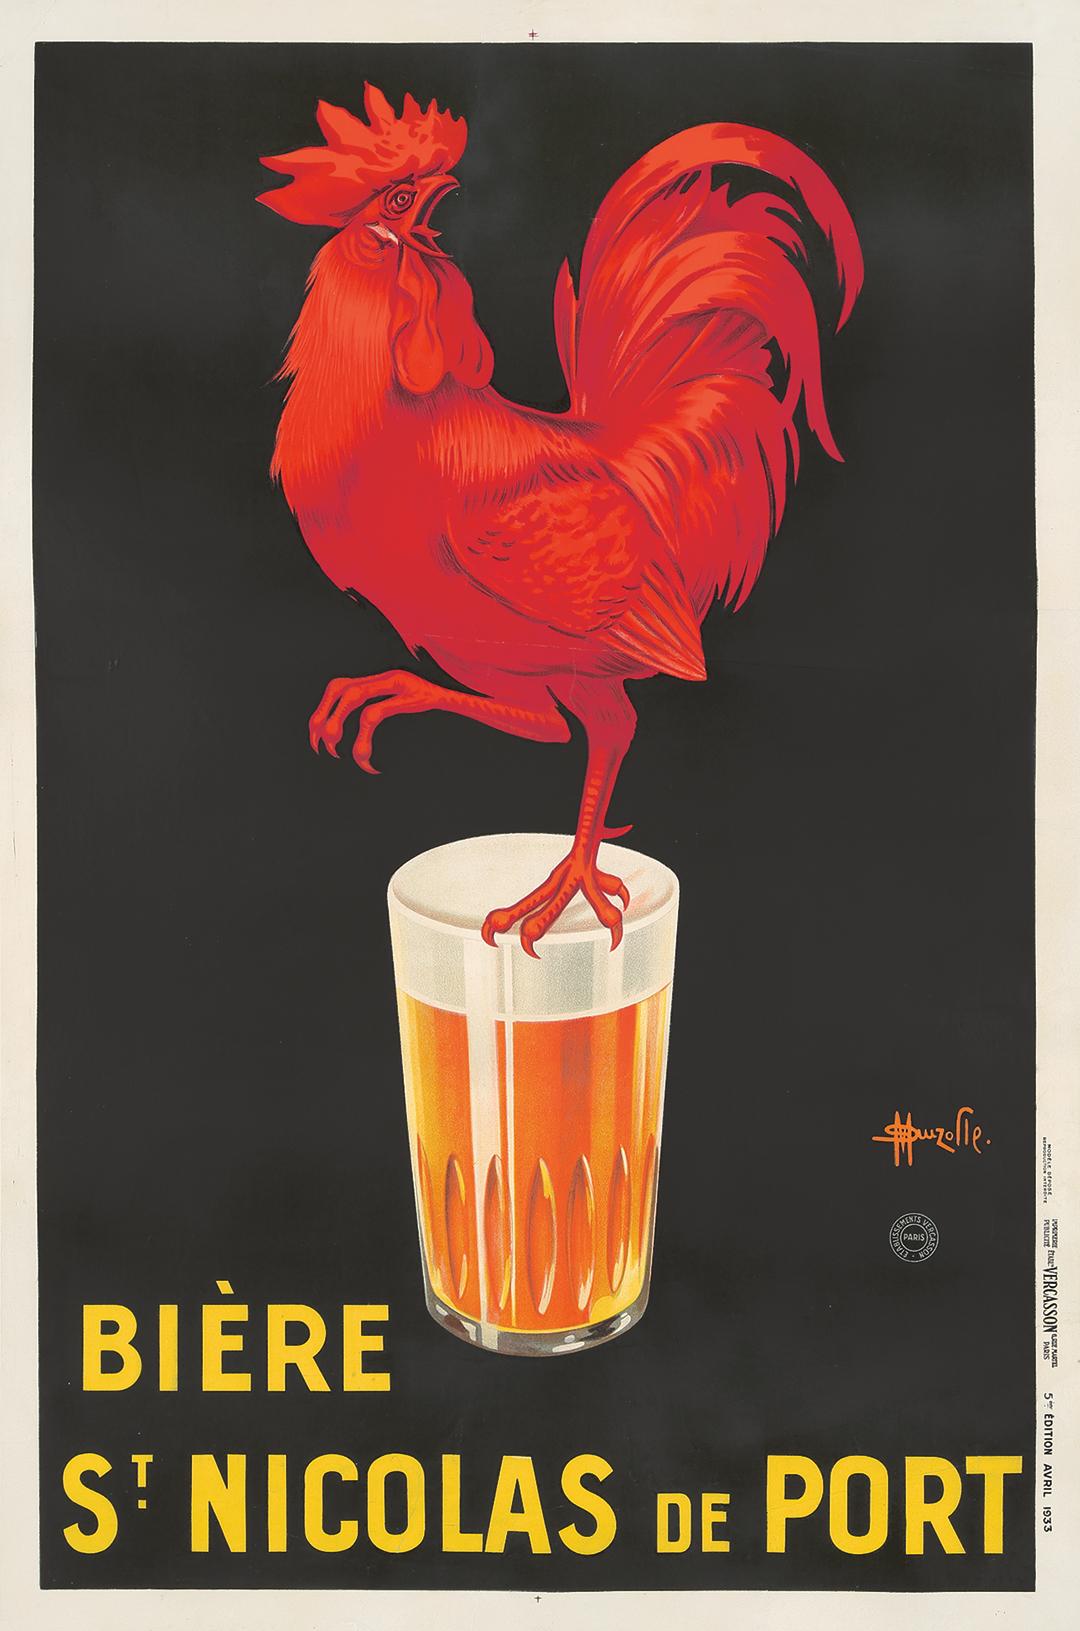 Beire-St-Nicolas-de-Port-1933